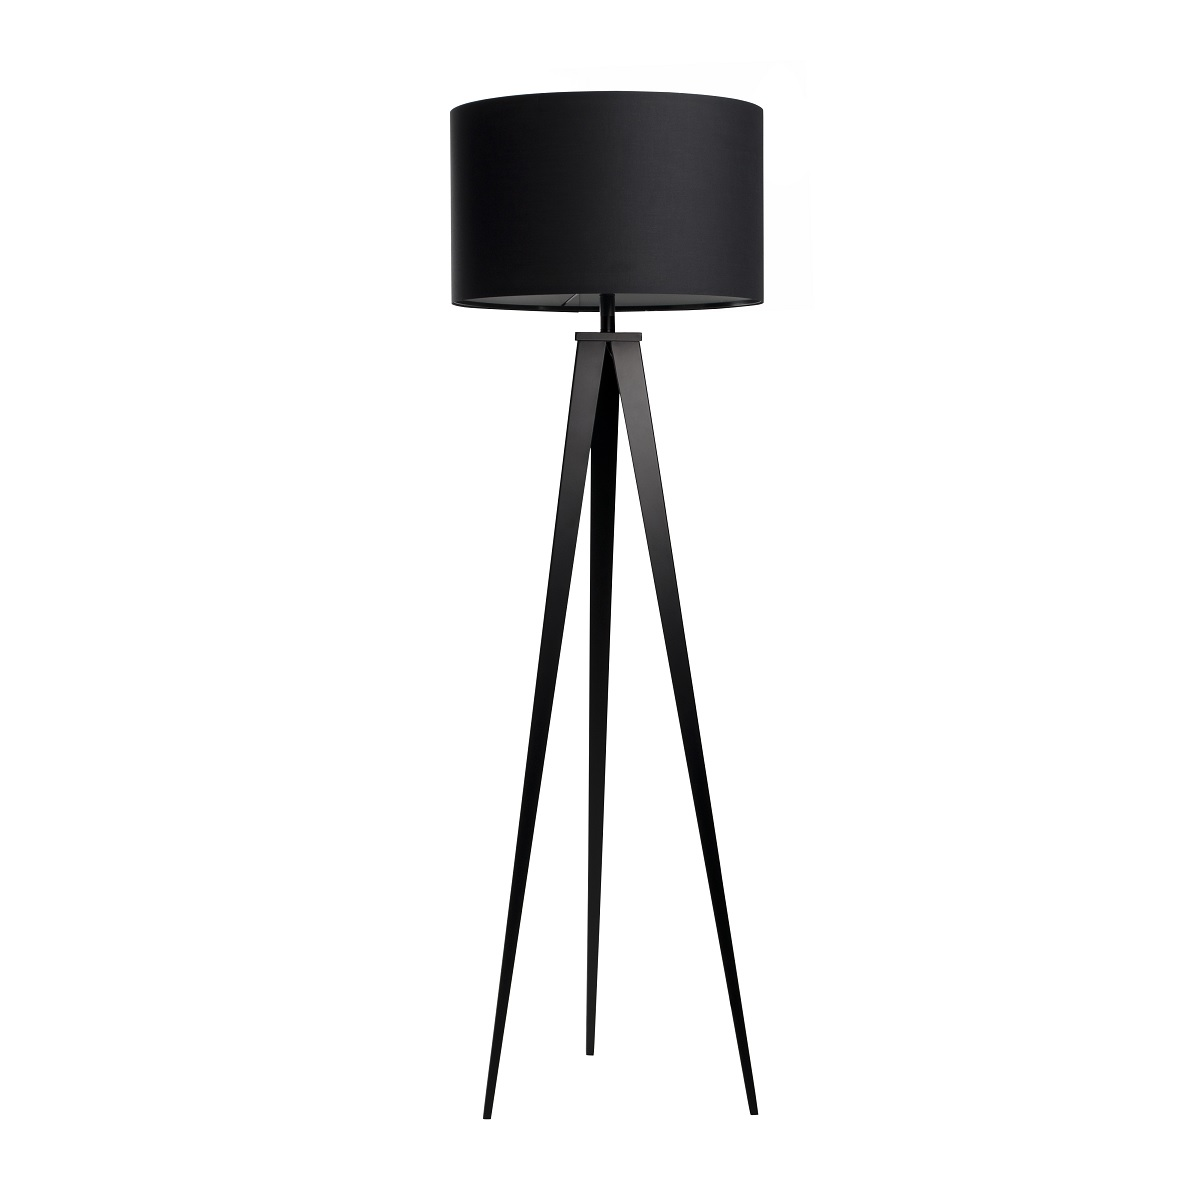 zuiver tripod golv svart. Black Bedroom Furniture Sets. Home Design Ideas